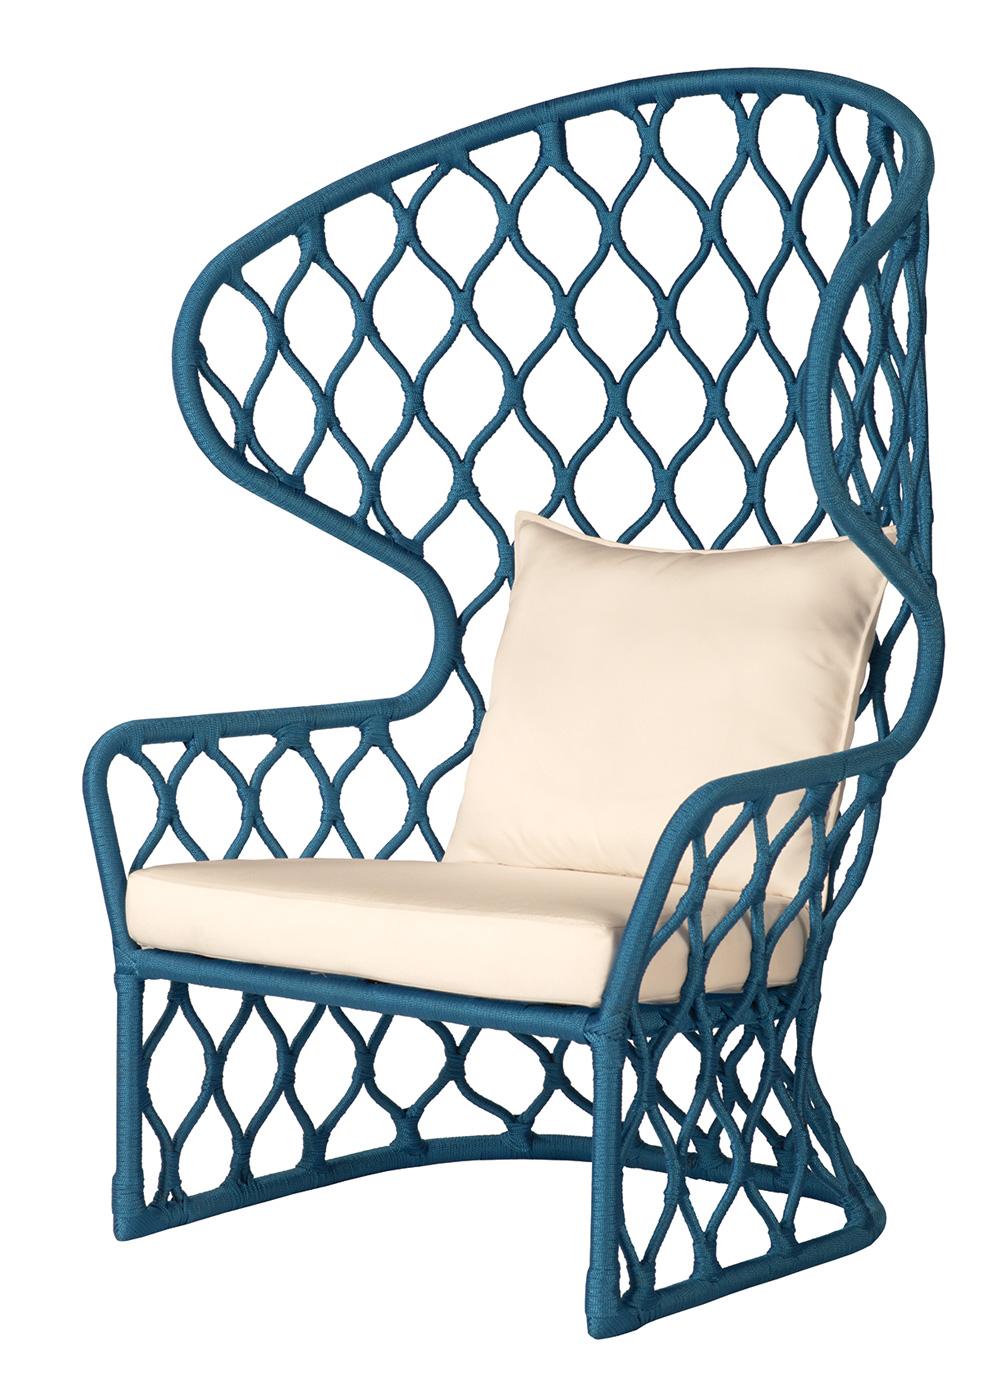 Painho Club Lounge chair in a rich cerulean